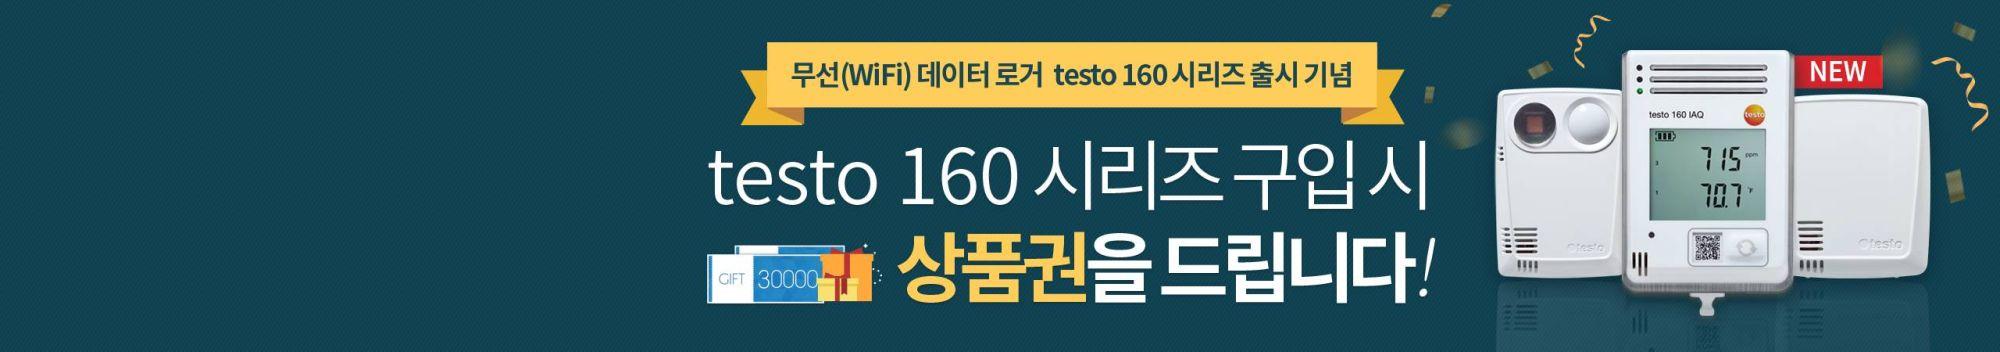 무선(WiFi) 데이터 로거<br/> testo 160 시리즈 출시